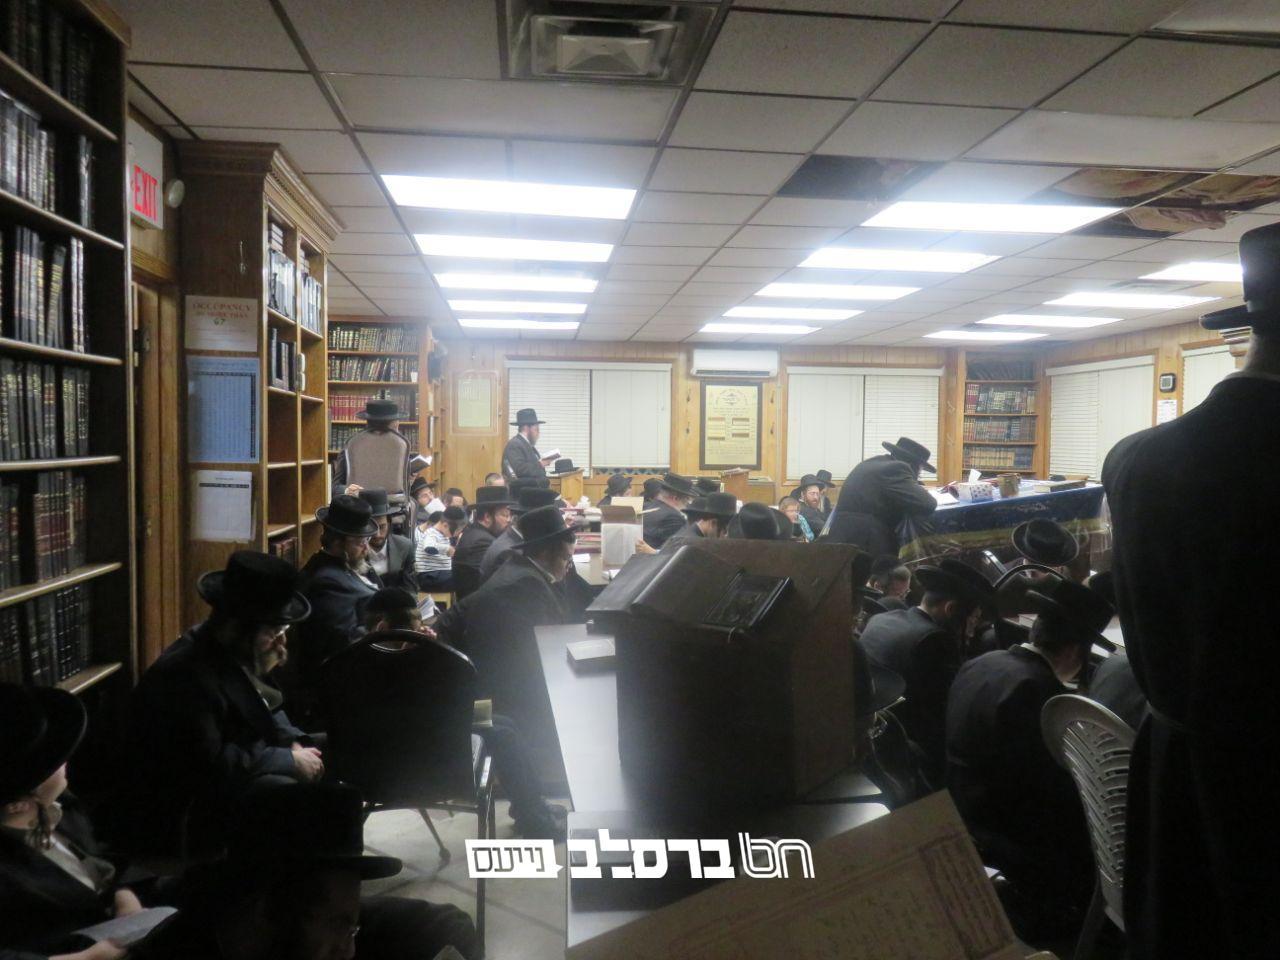 מונסי • אמירת הקינות בליל תשעה באב בבית הכנסת דחסידי ברסלב 'ברכת הנחל' • צפו